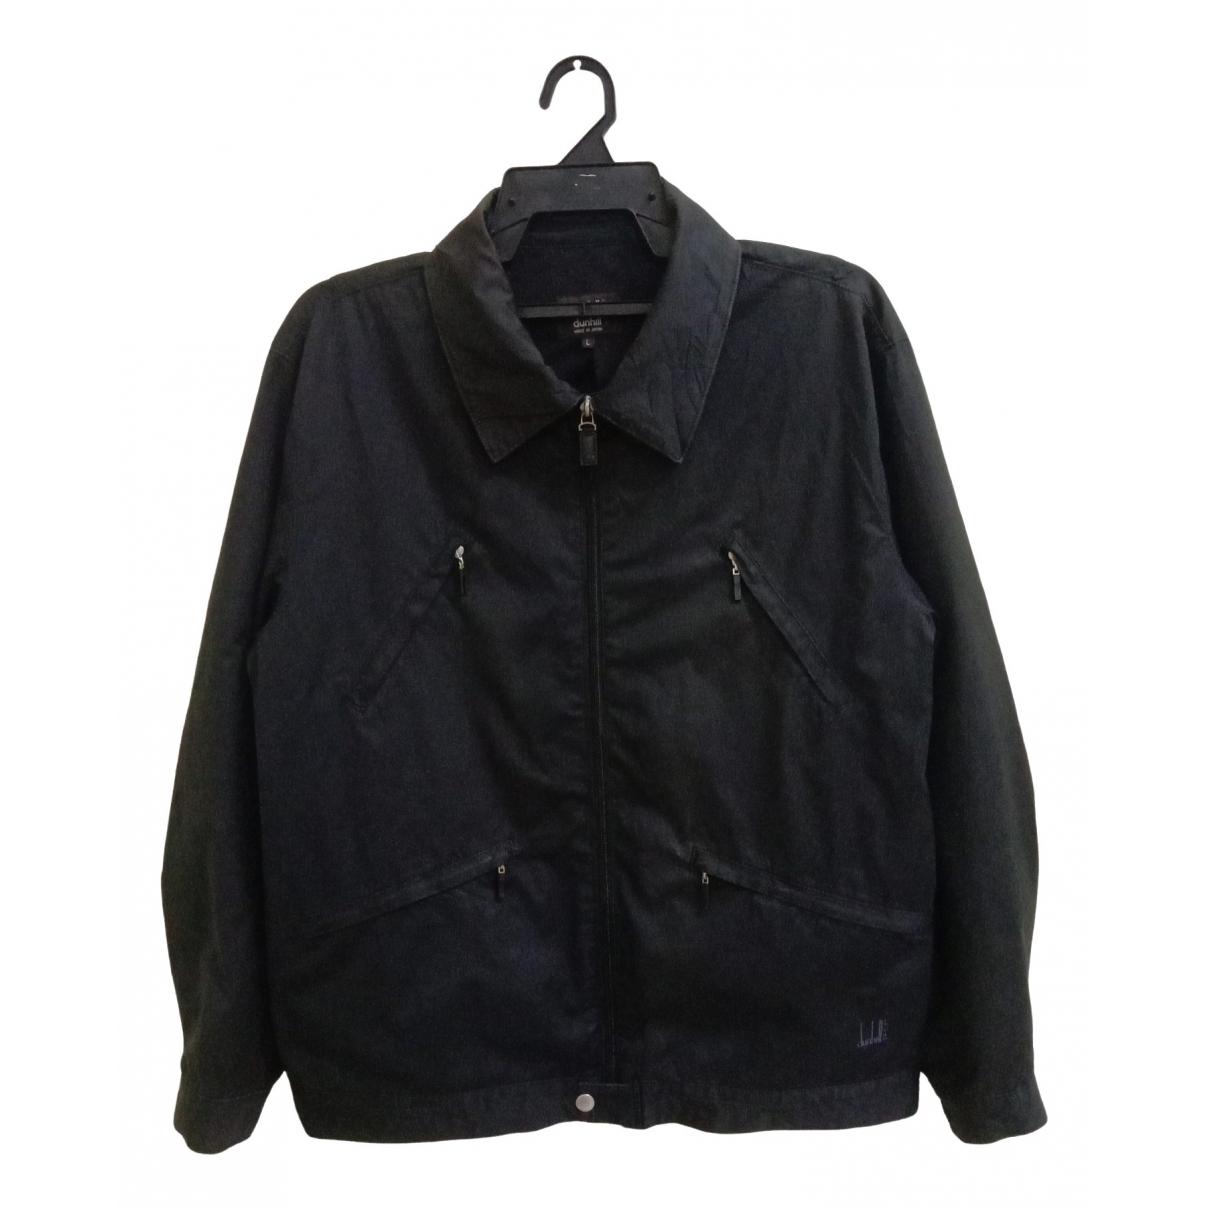 Alfred Dunhill \N Black jacket  for Men L International